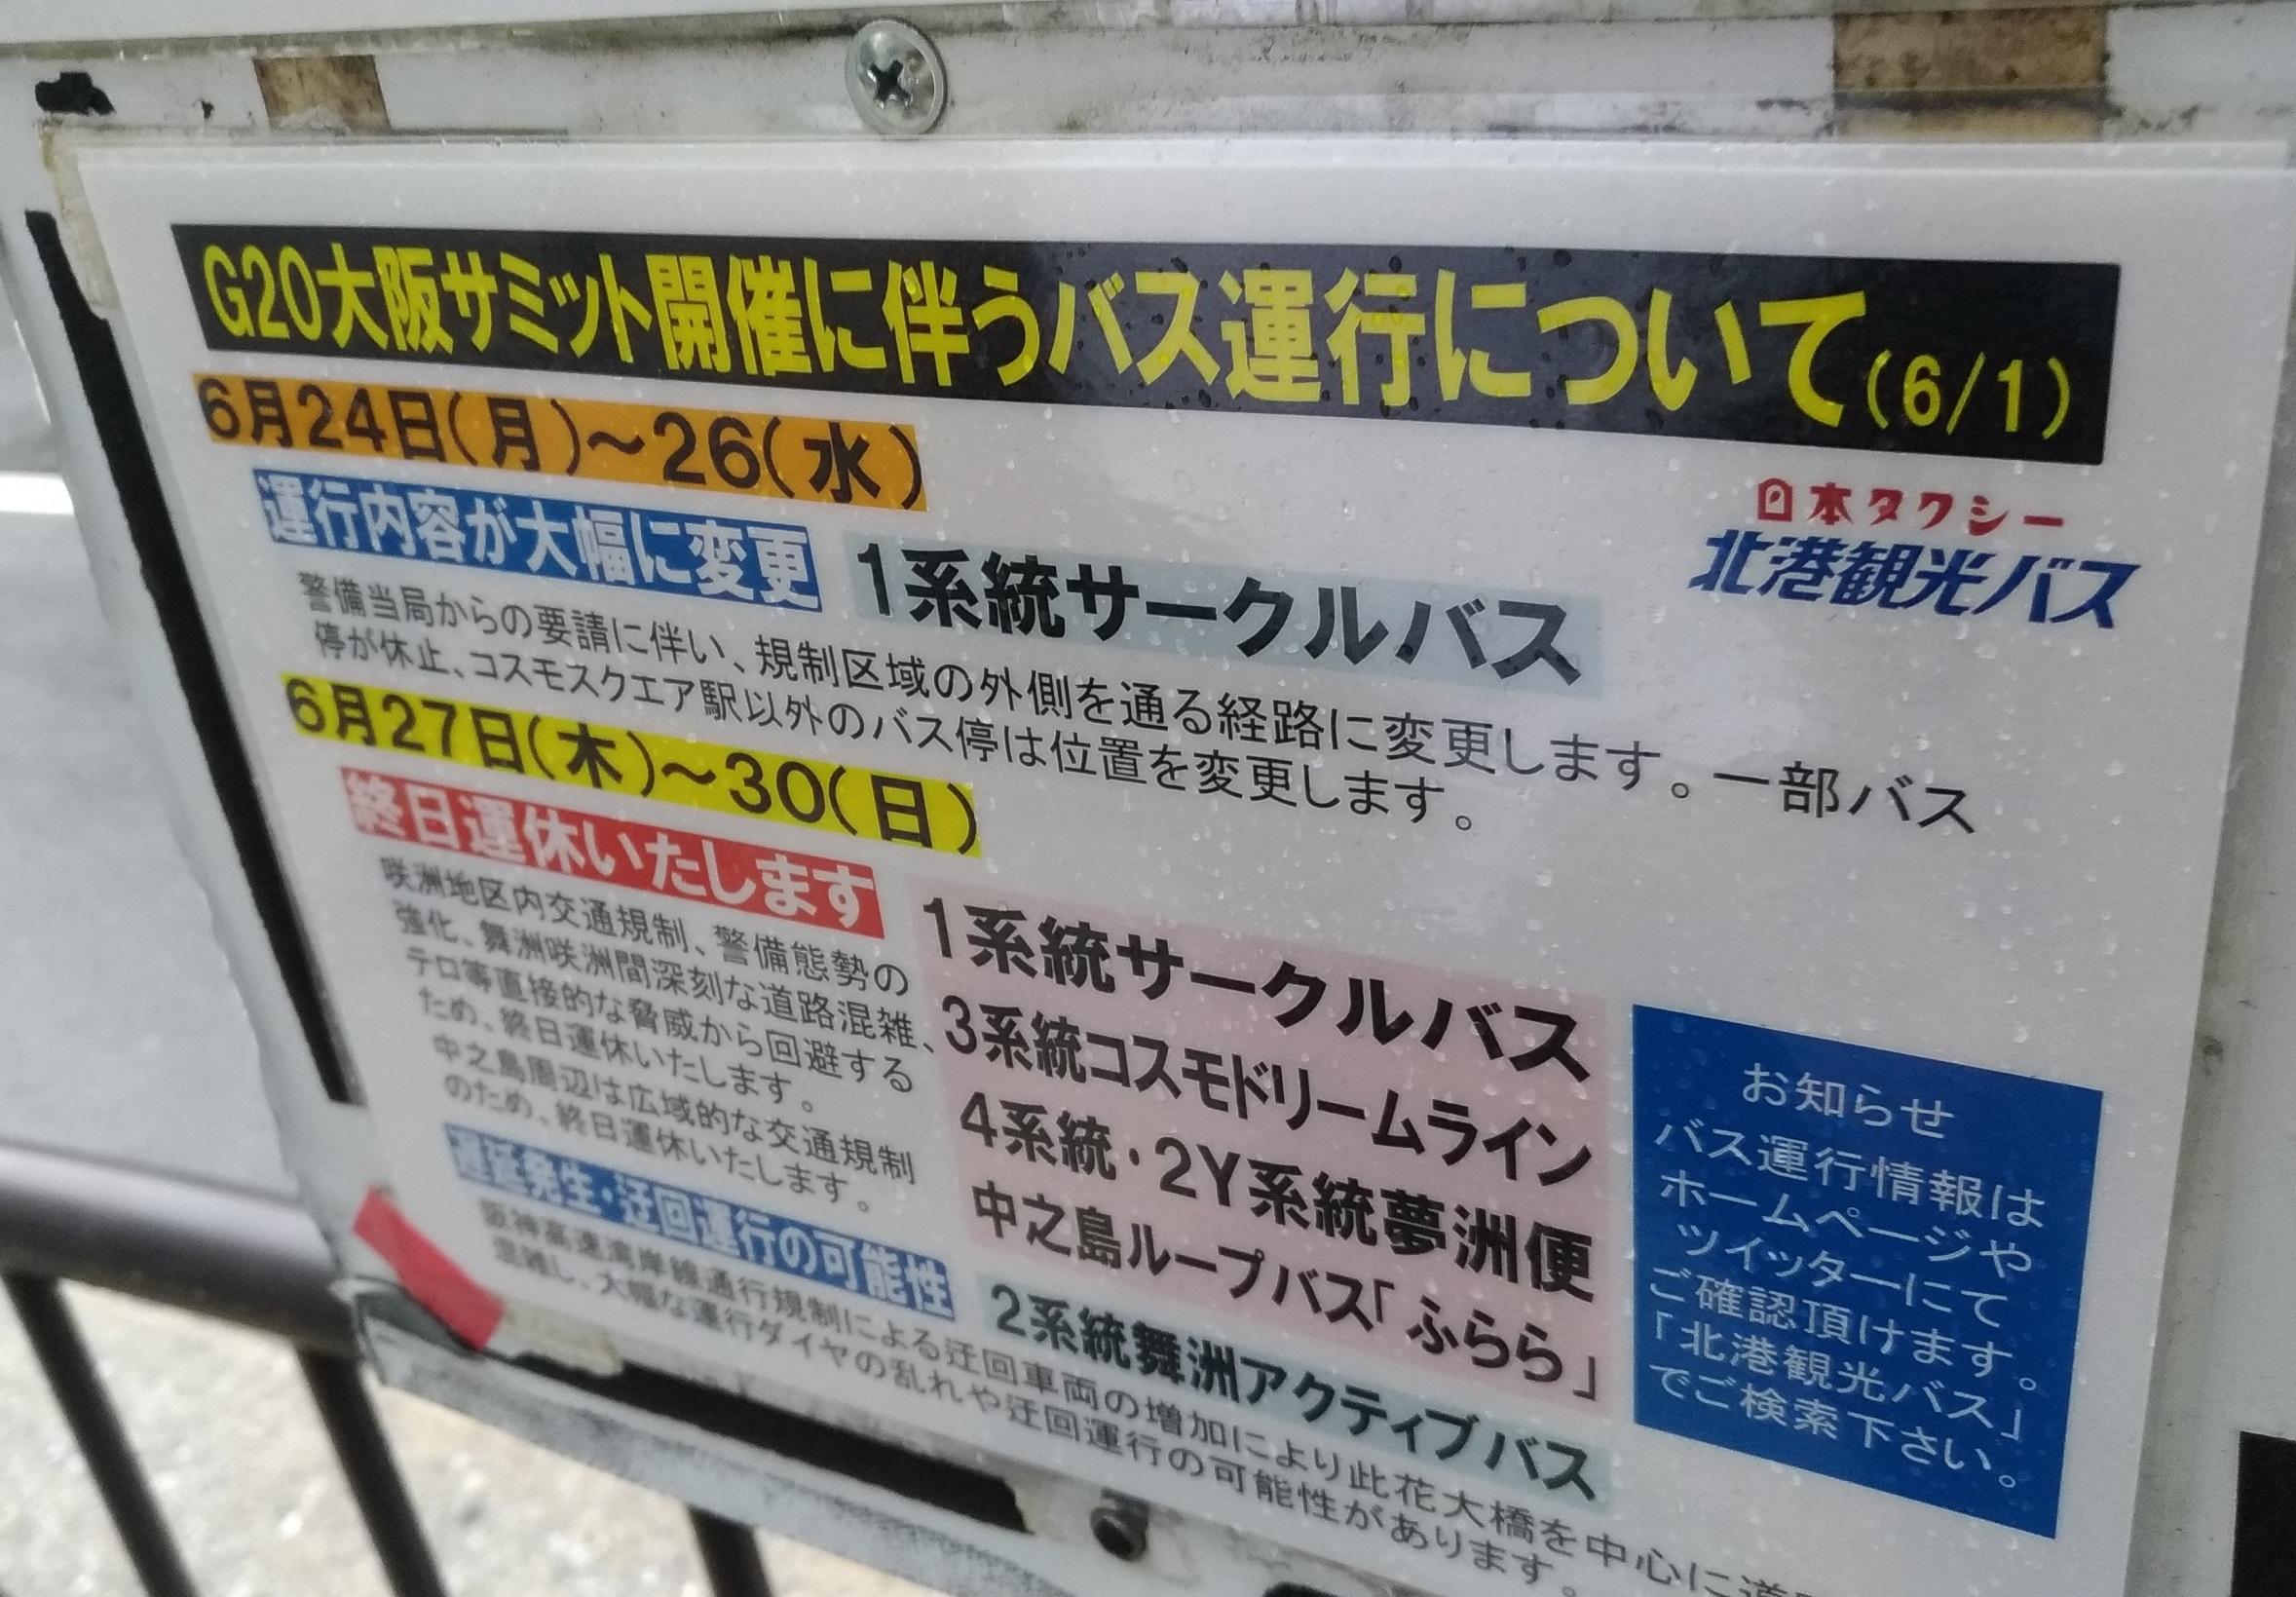 G20osaka_samit_tsukin_basu.jpg